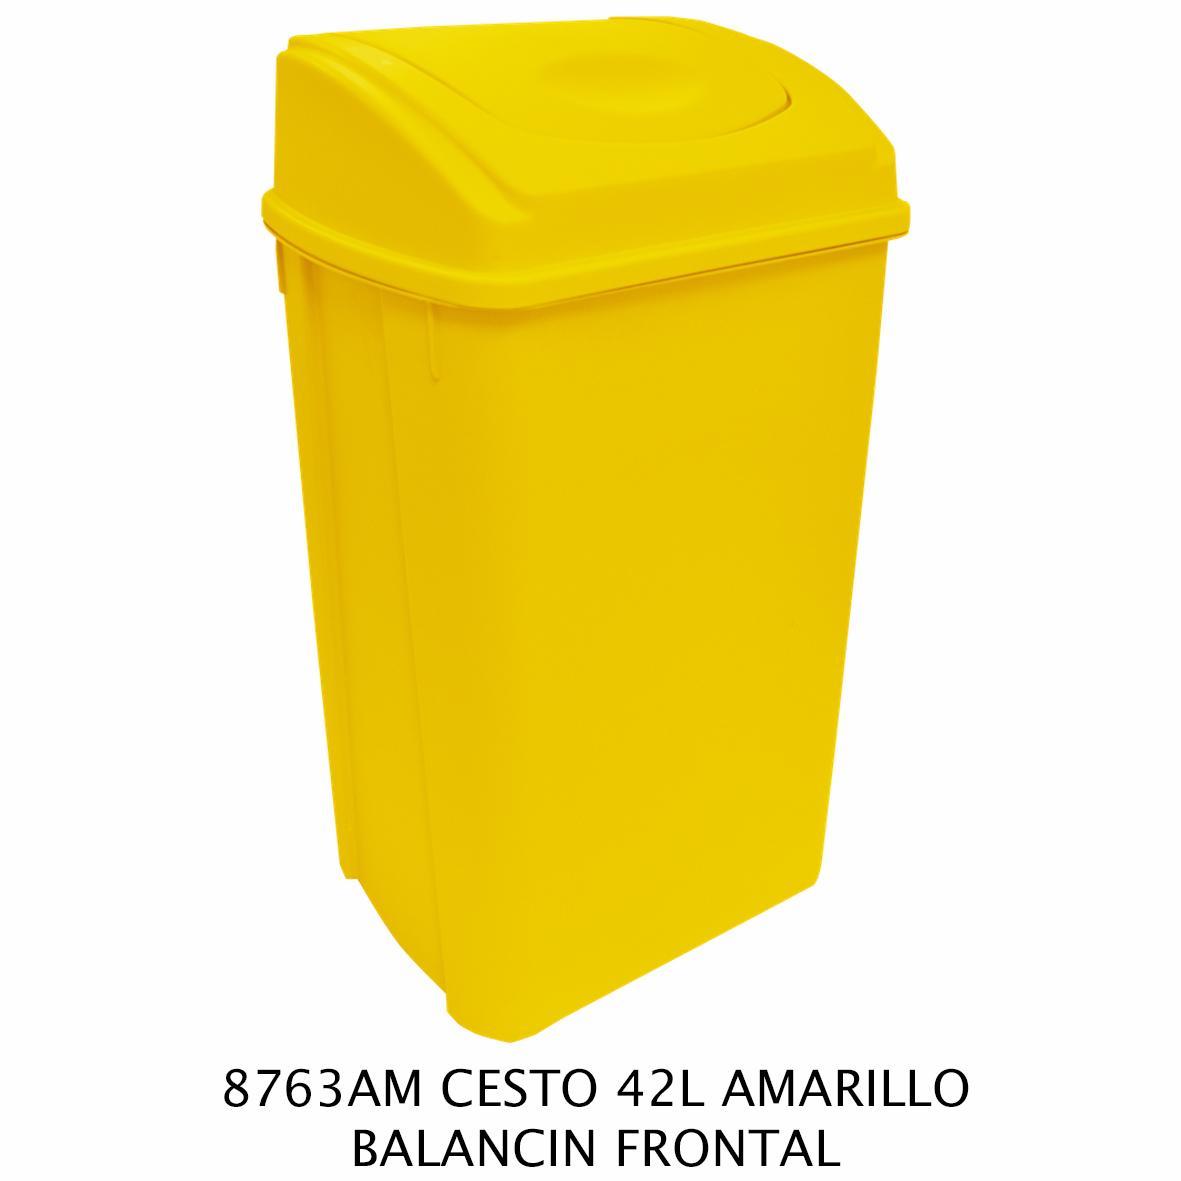 Bote de basura de 42 litros con balancin frontal color amarillo modelo 8763AM de Sablón